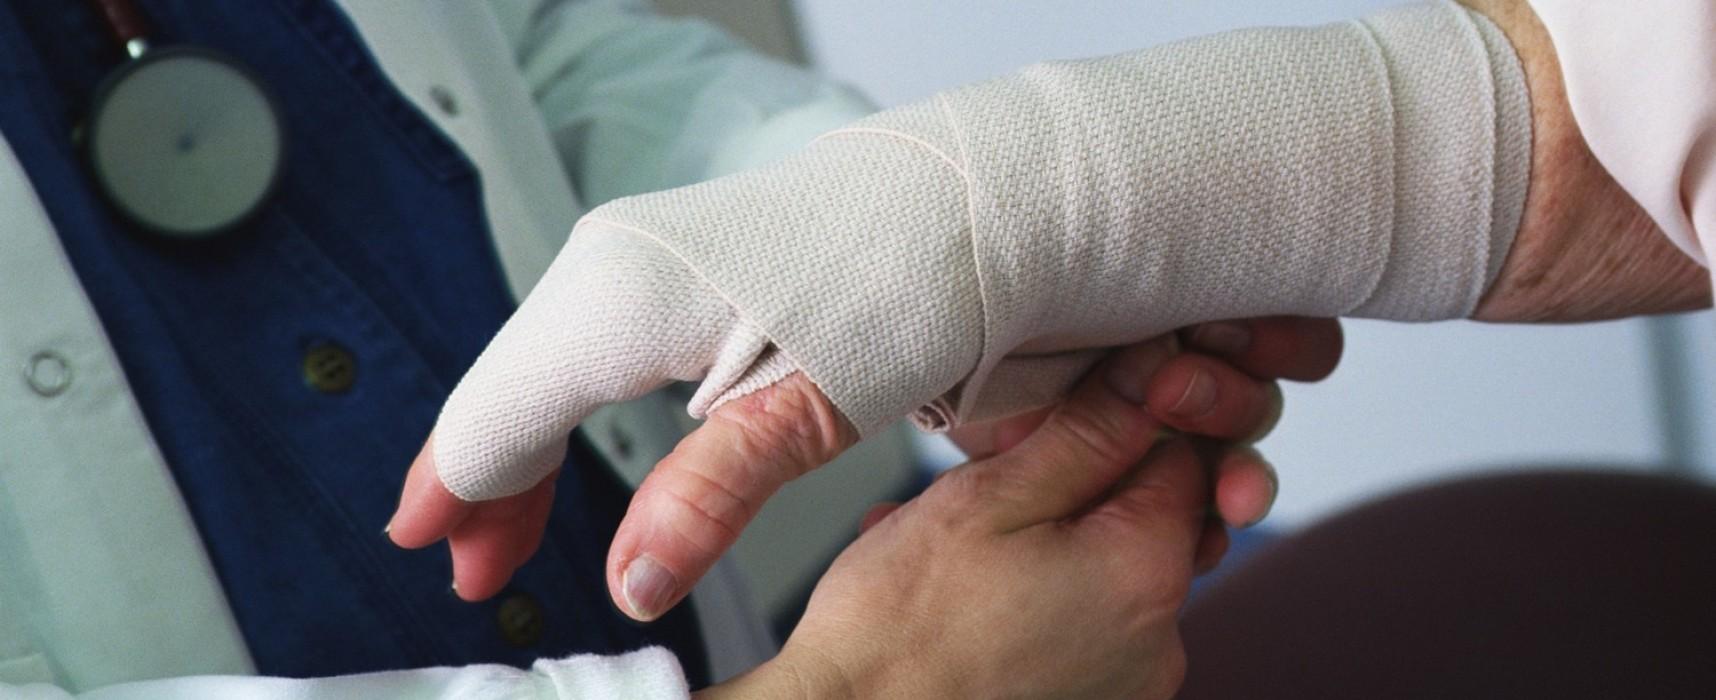 Нюансы увольнения со службы сотрудников внутренних дел в связи с болезнью или полученной травмой